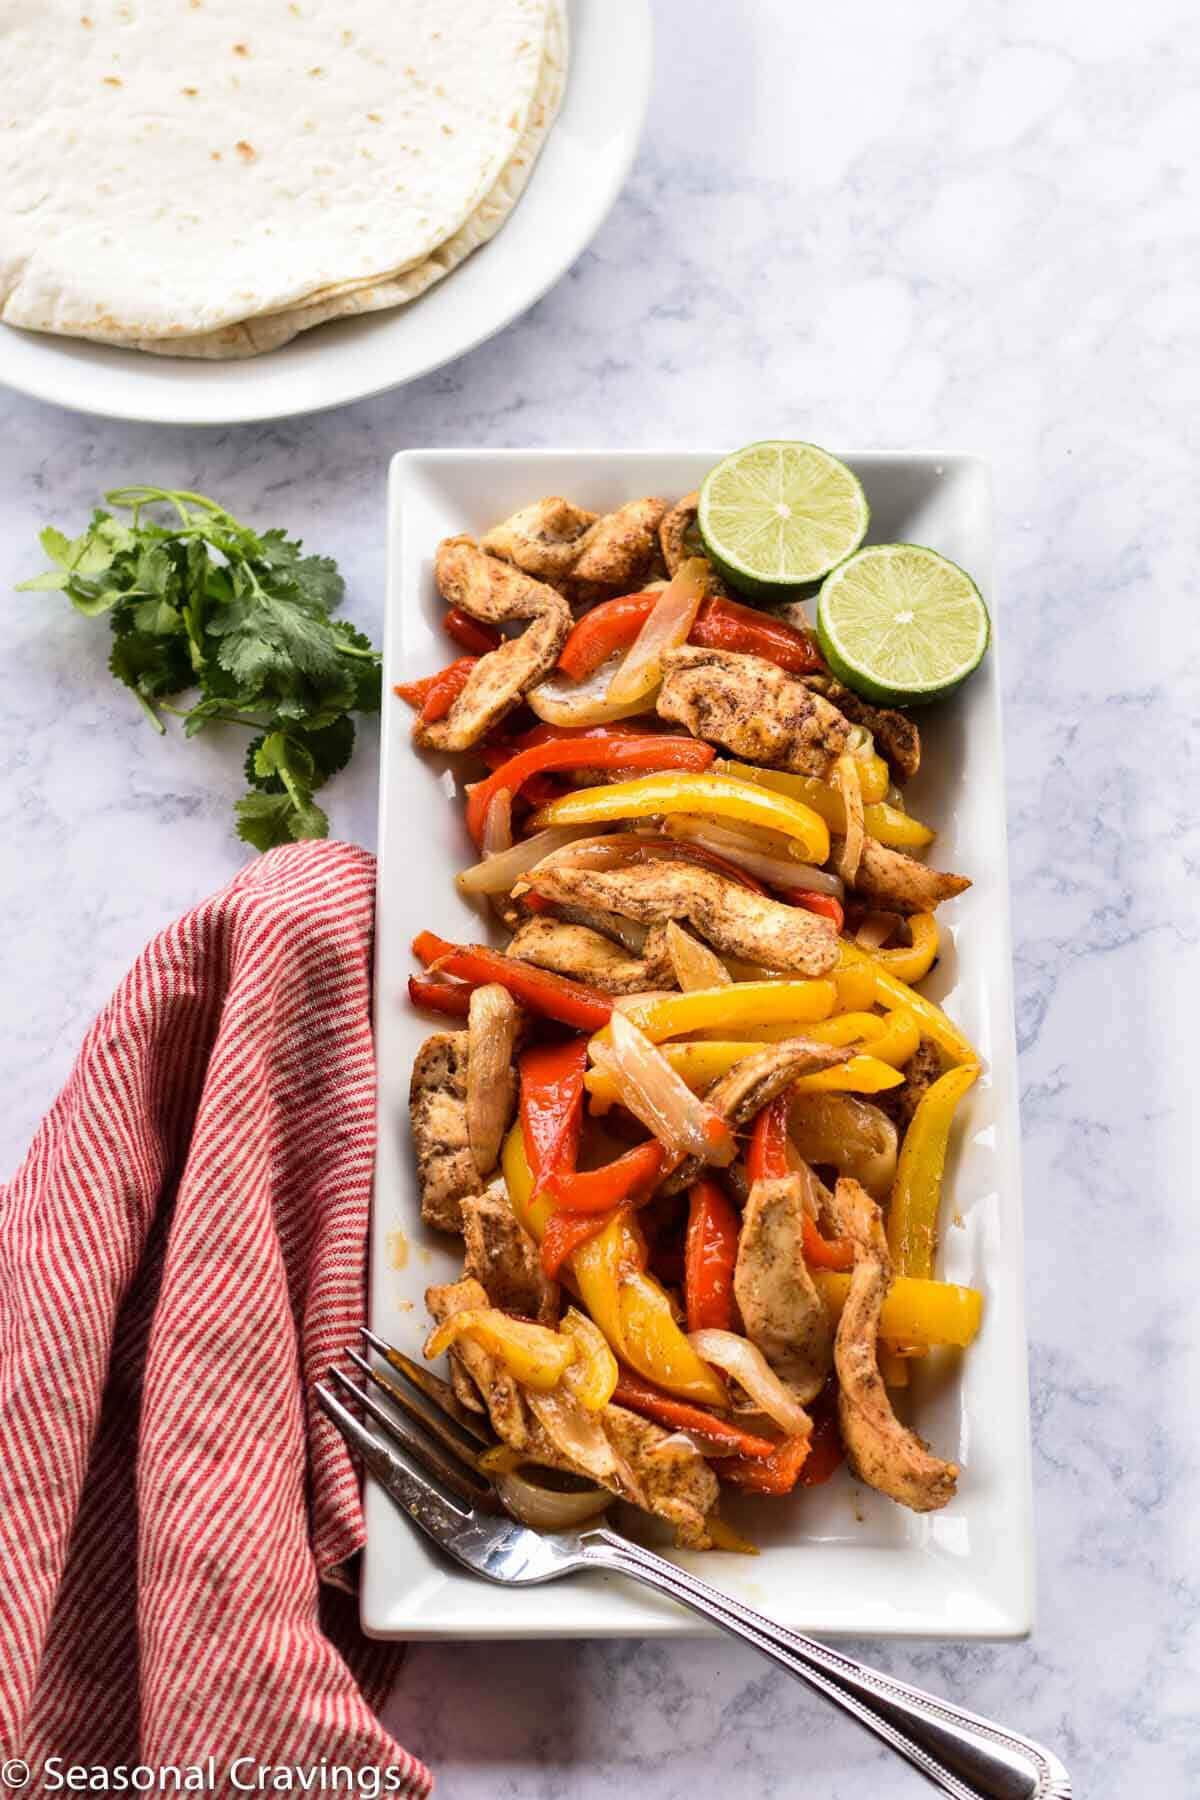 Whole Food Meal Plan from Seasonal Cravings Sheet Pan Chicken Fajitas